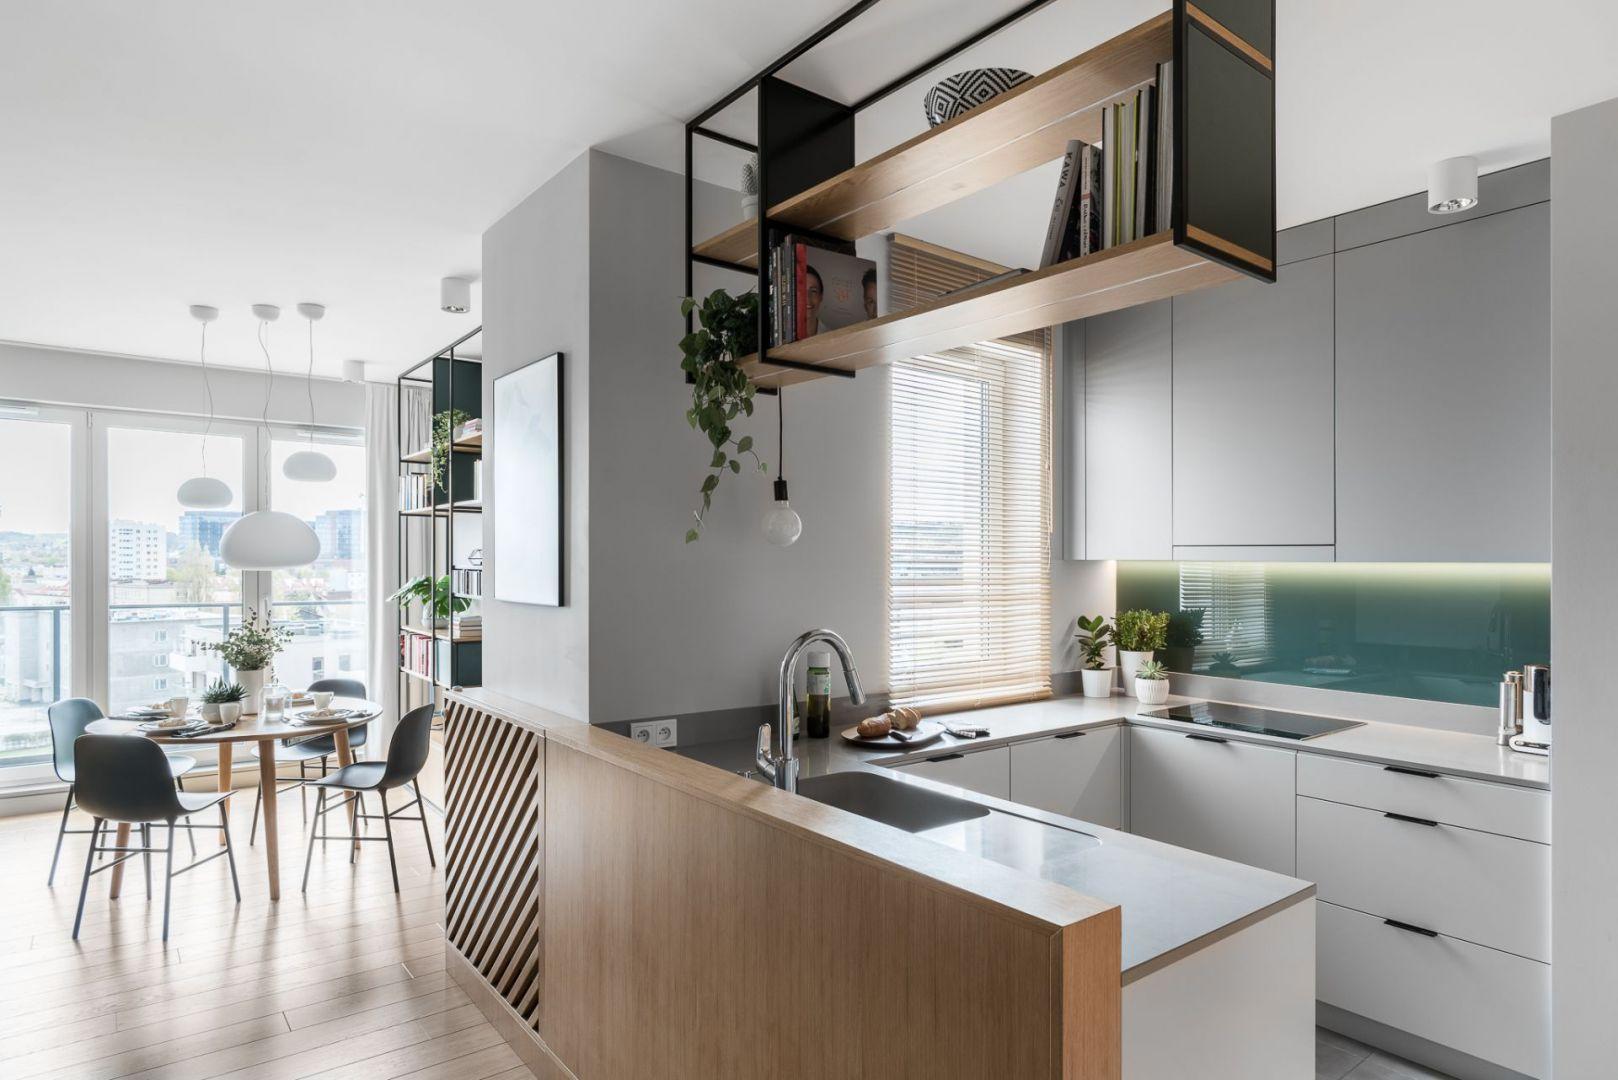 Kuchnia w bloku w kształcie litery U. Projekt Raca Architekci. Fot. Fotomohito